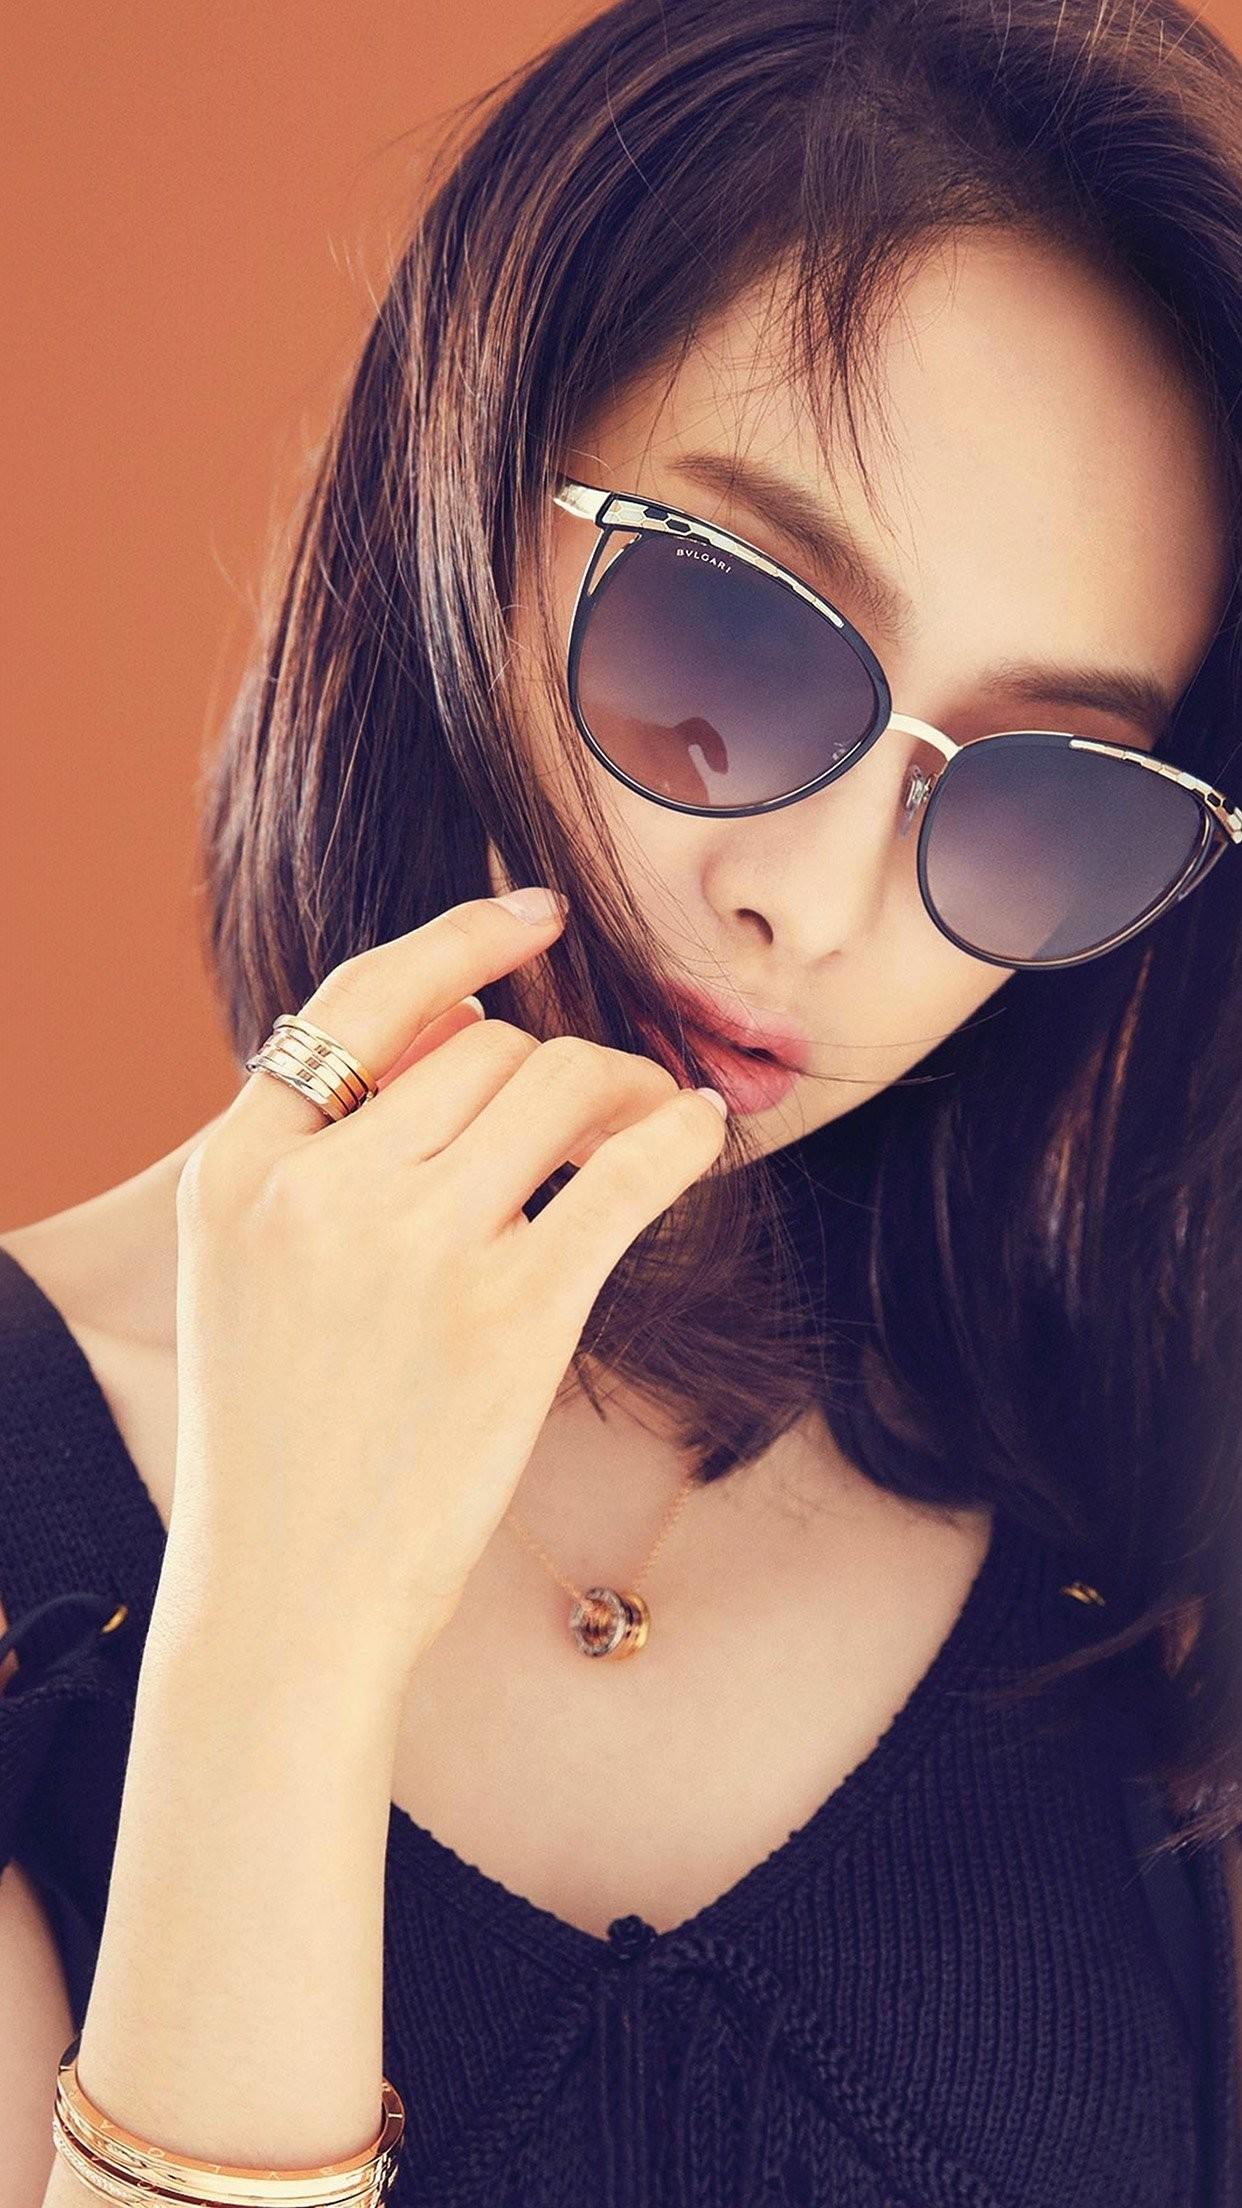 victoria kpop girl sunglass beauty iphone 7 wallpaper